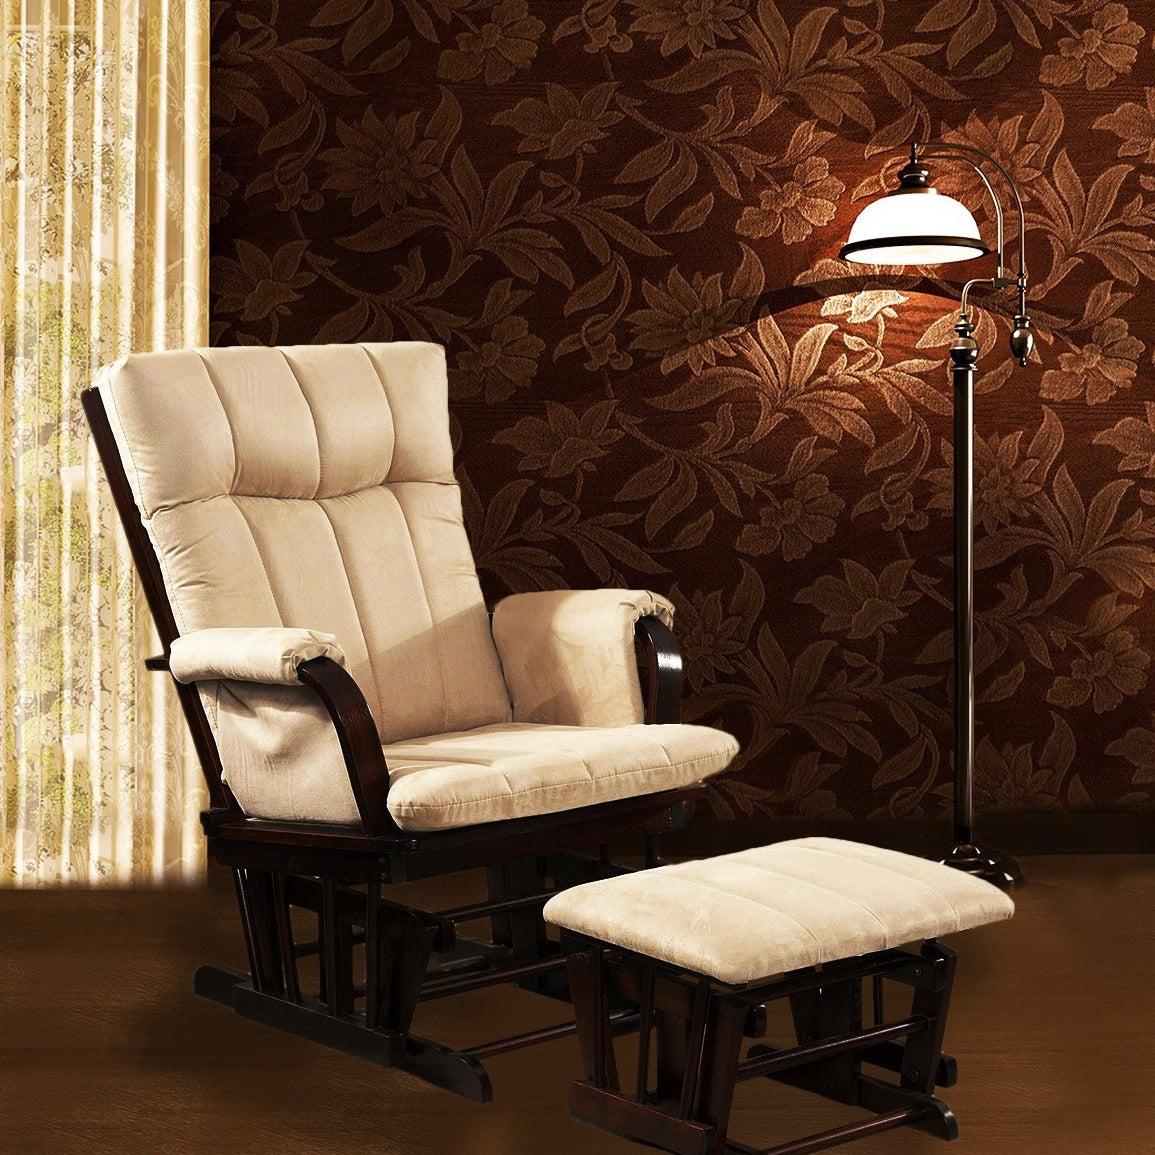 ARTIVA USA Home Deluxe Mocha Microfiber Cushion Glider Ch...